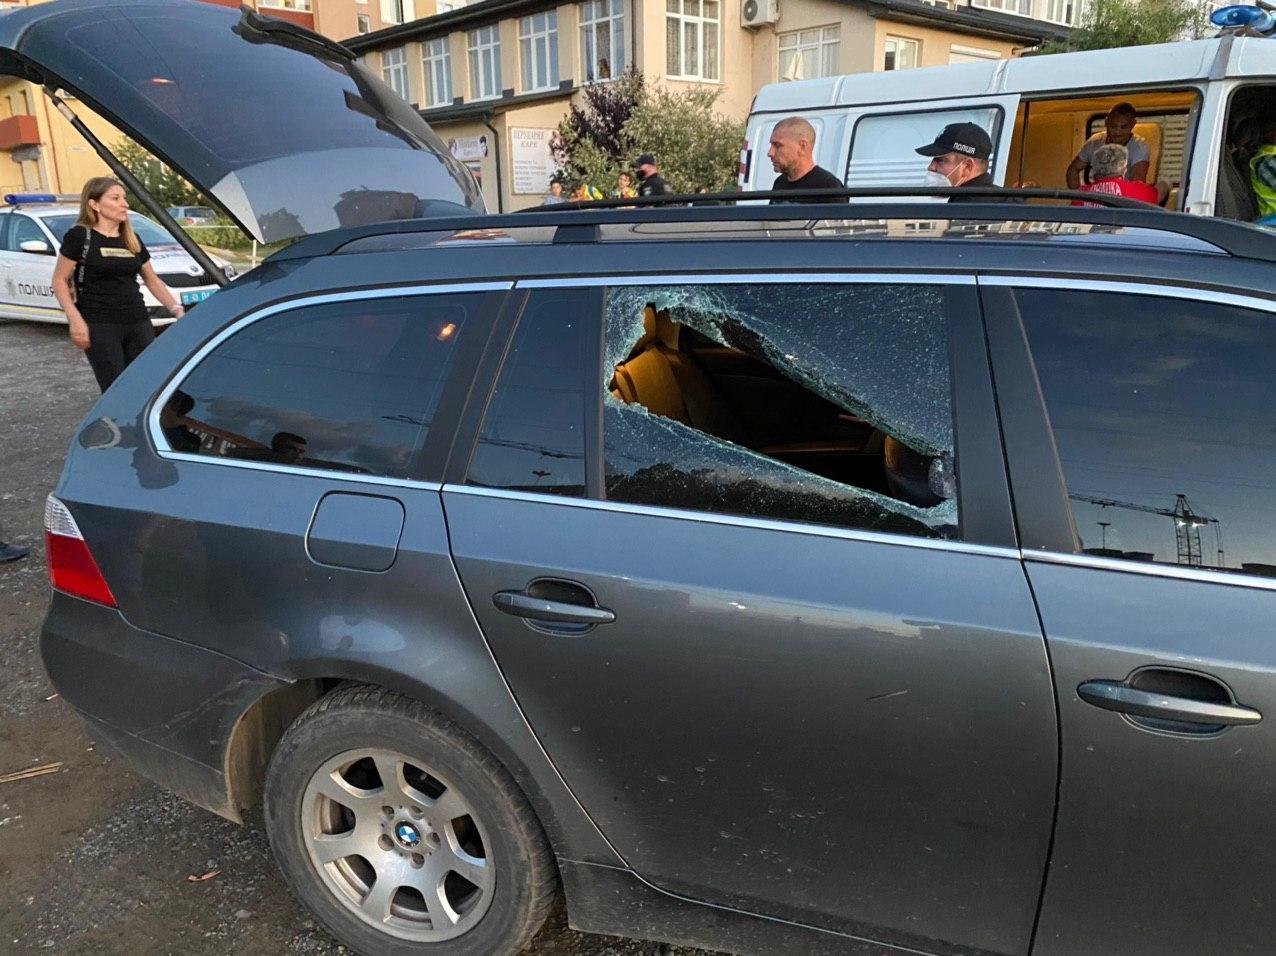 Просто жесть! В Ужгороде конфликт в ресторане перерос в стрельбу, разгром иномарки и огнестрельные ранения